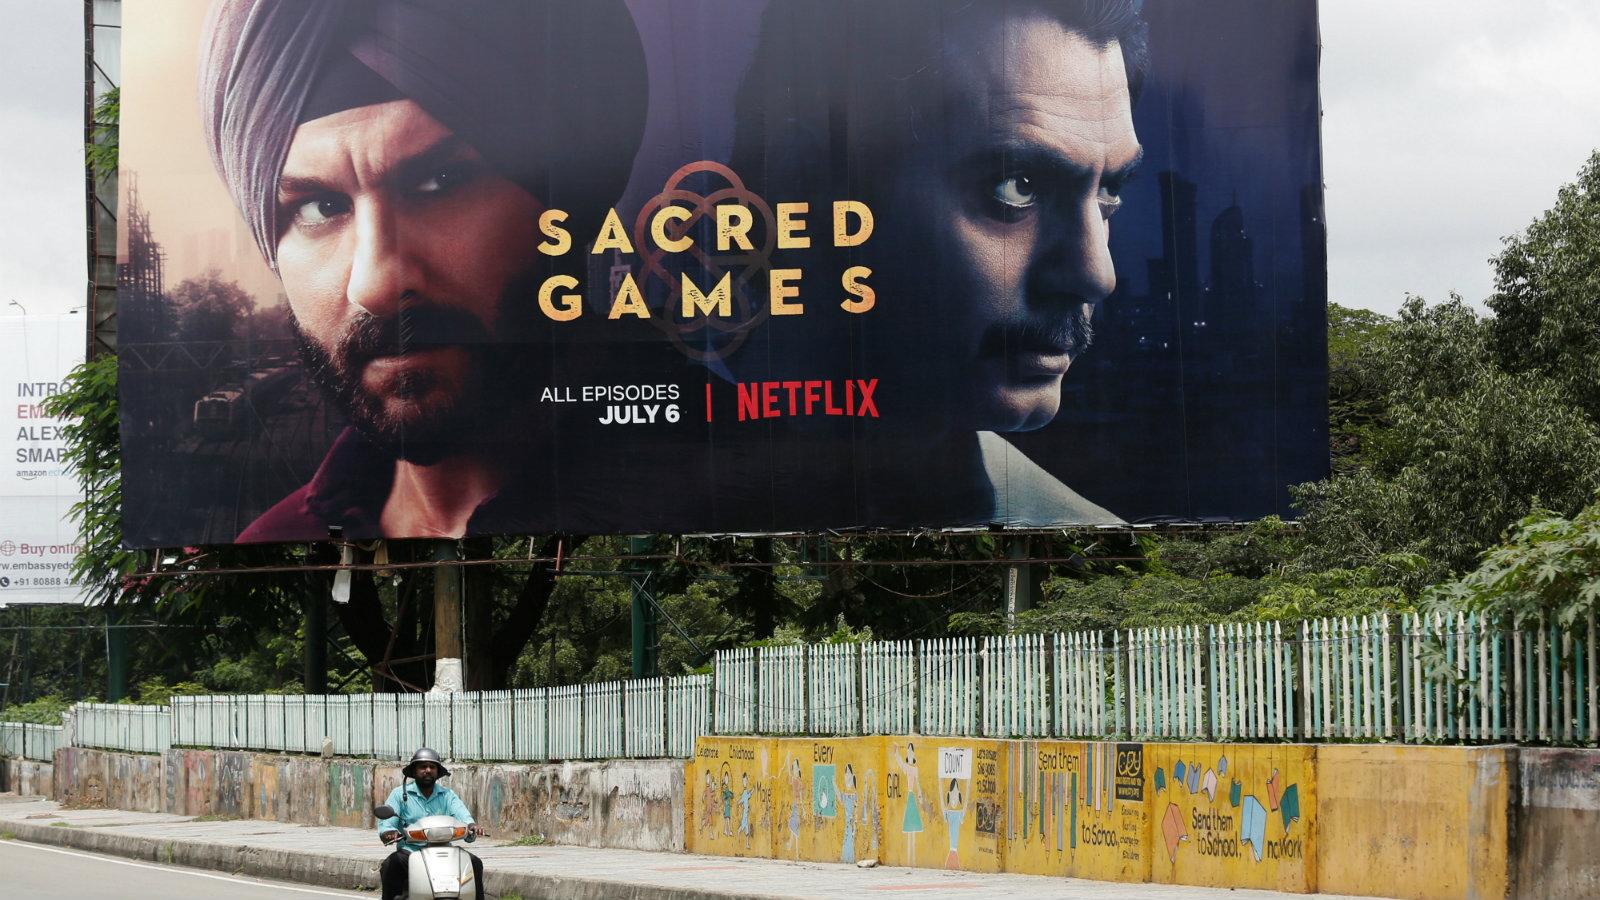 Netflix, Hotstar, Voot will self-censor video content in India